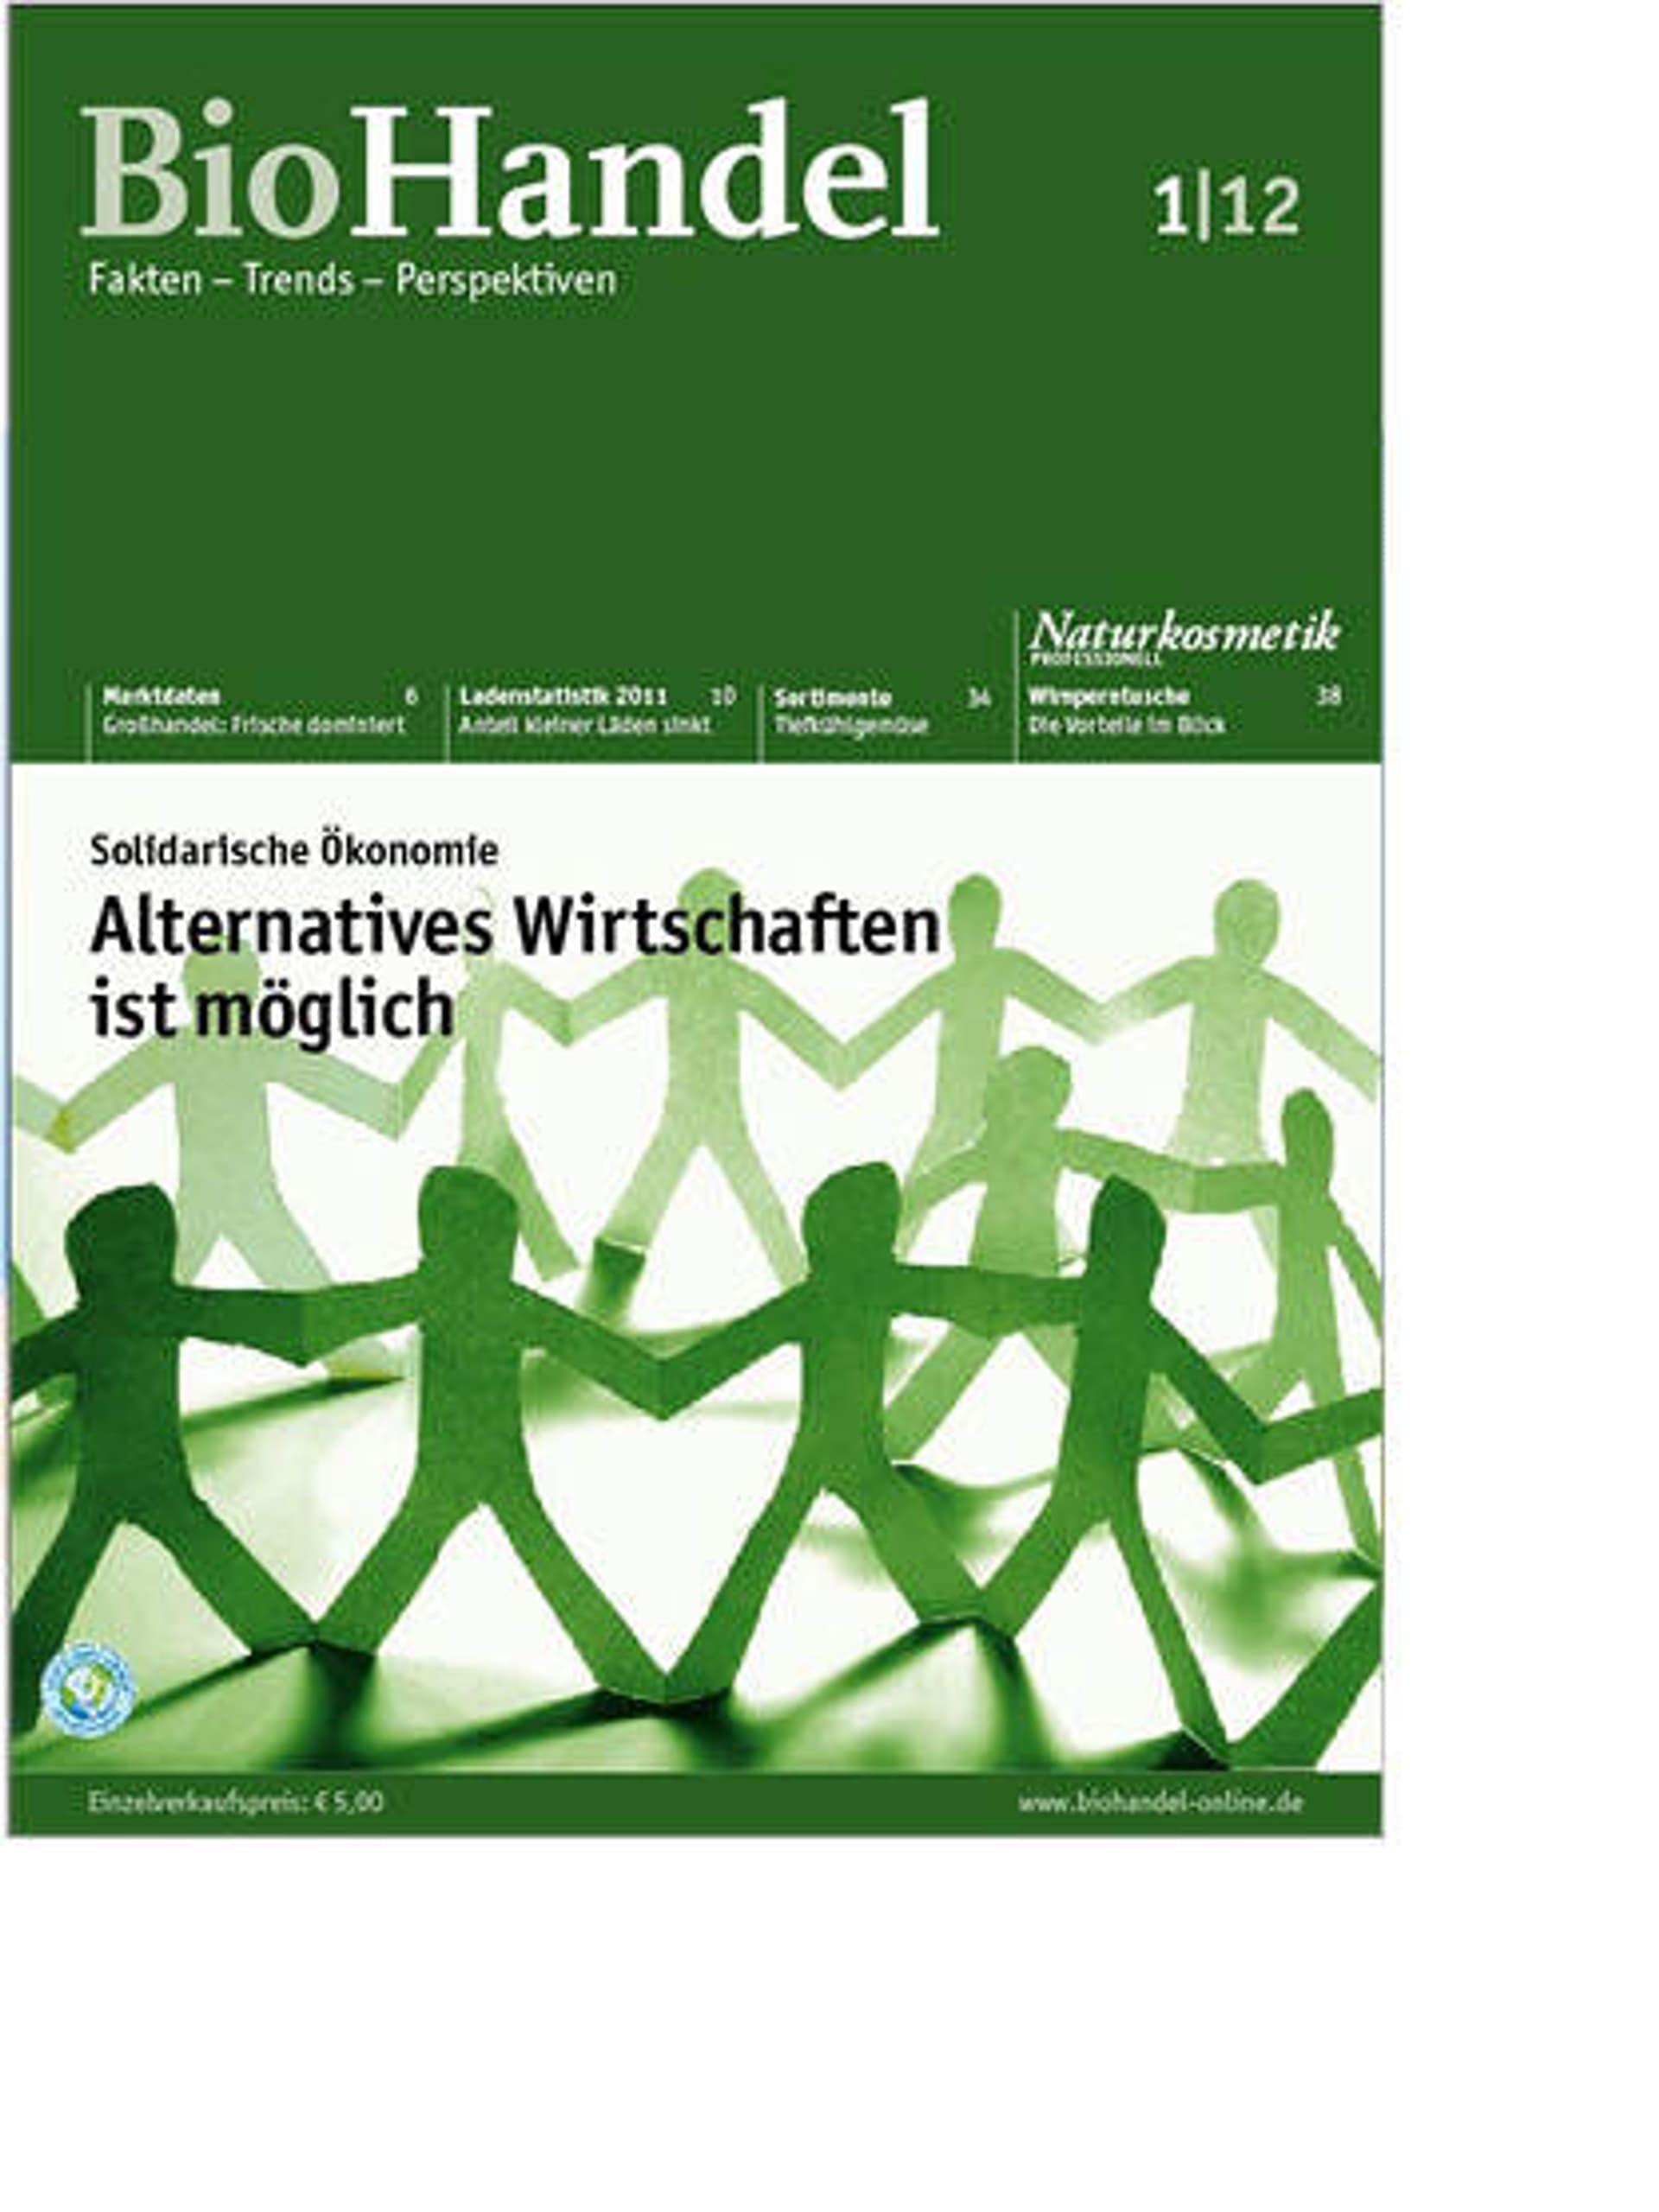 BioHandel Januar 2012